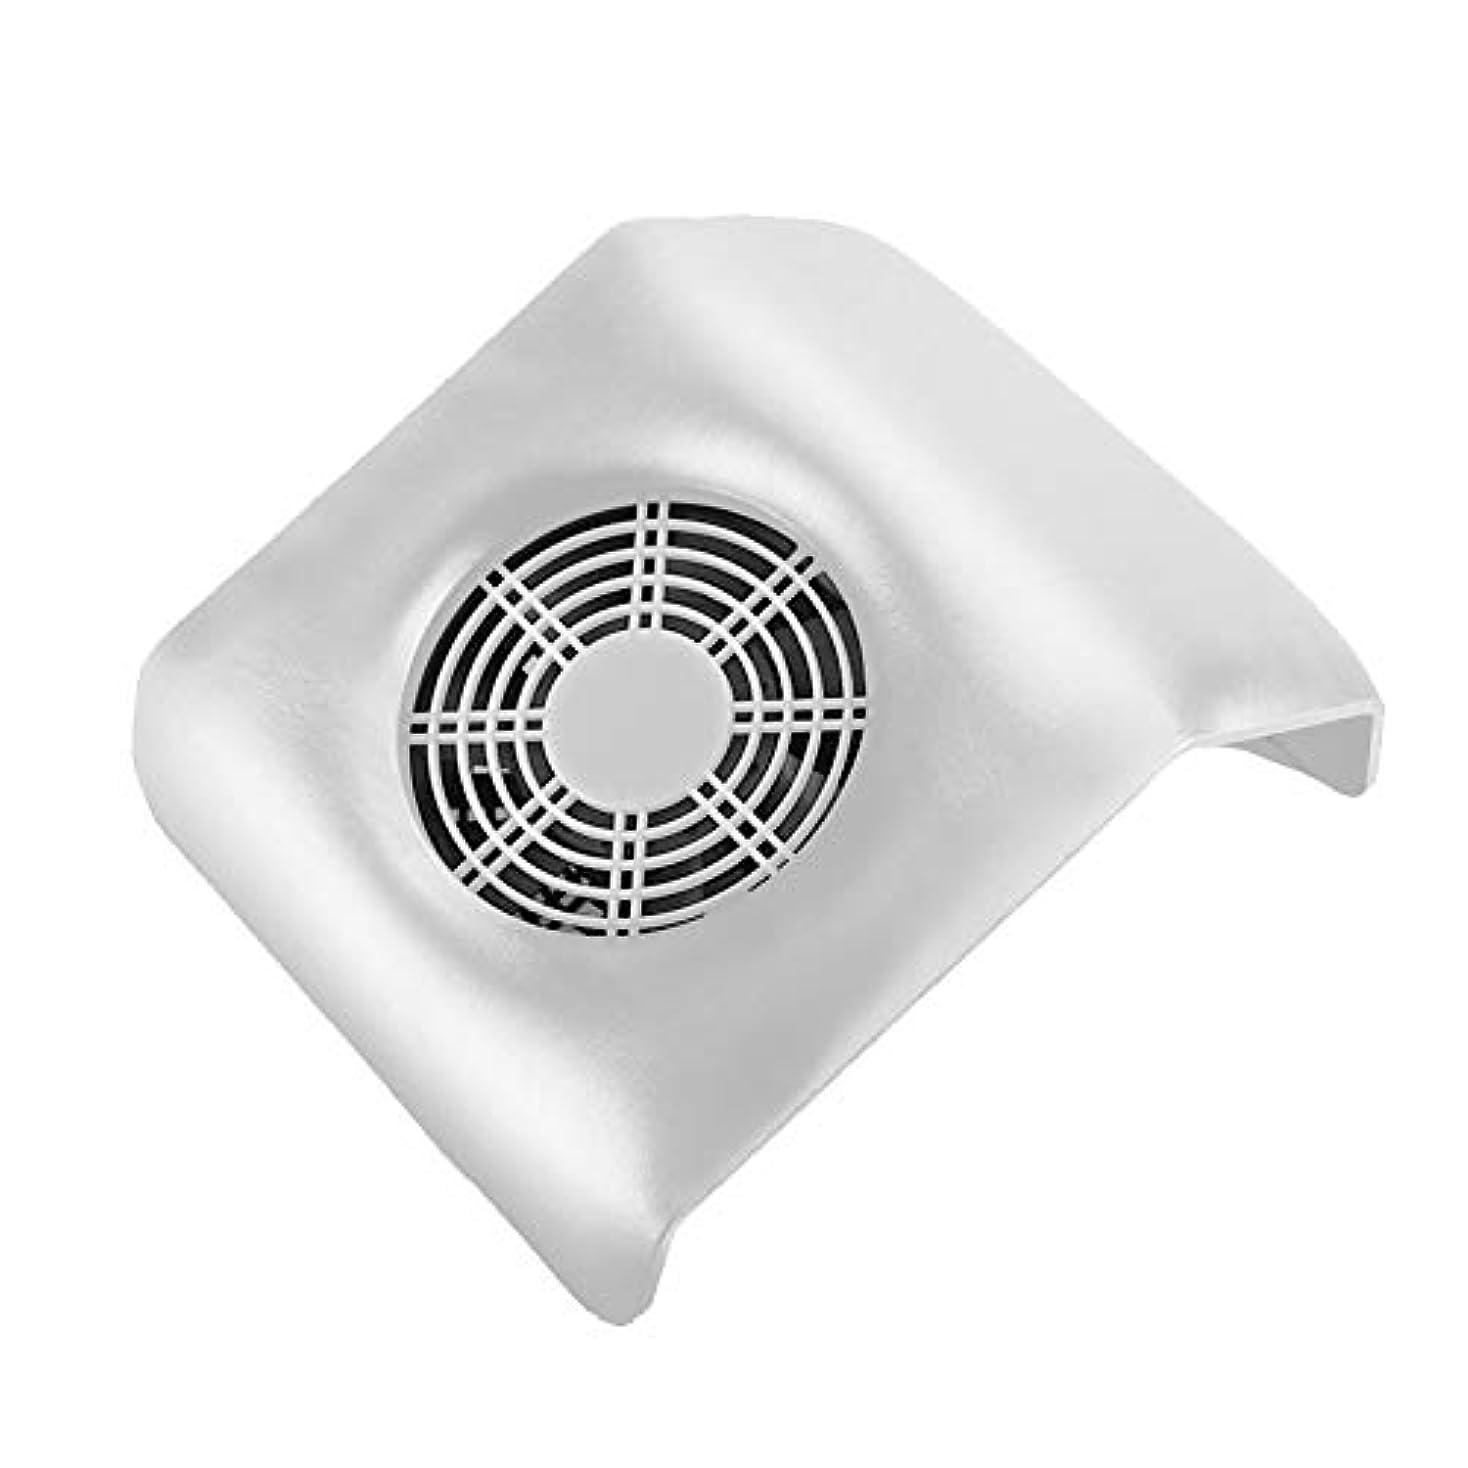 阻害する予備伝統ネイル 集塵機 ネイルアート掃除機 ネイルマシン ネイルダスト ダストクリーナー ネイル機器 集塵バッグ付き ホワイト